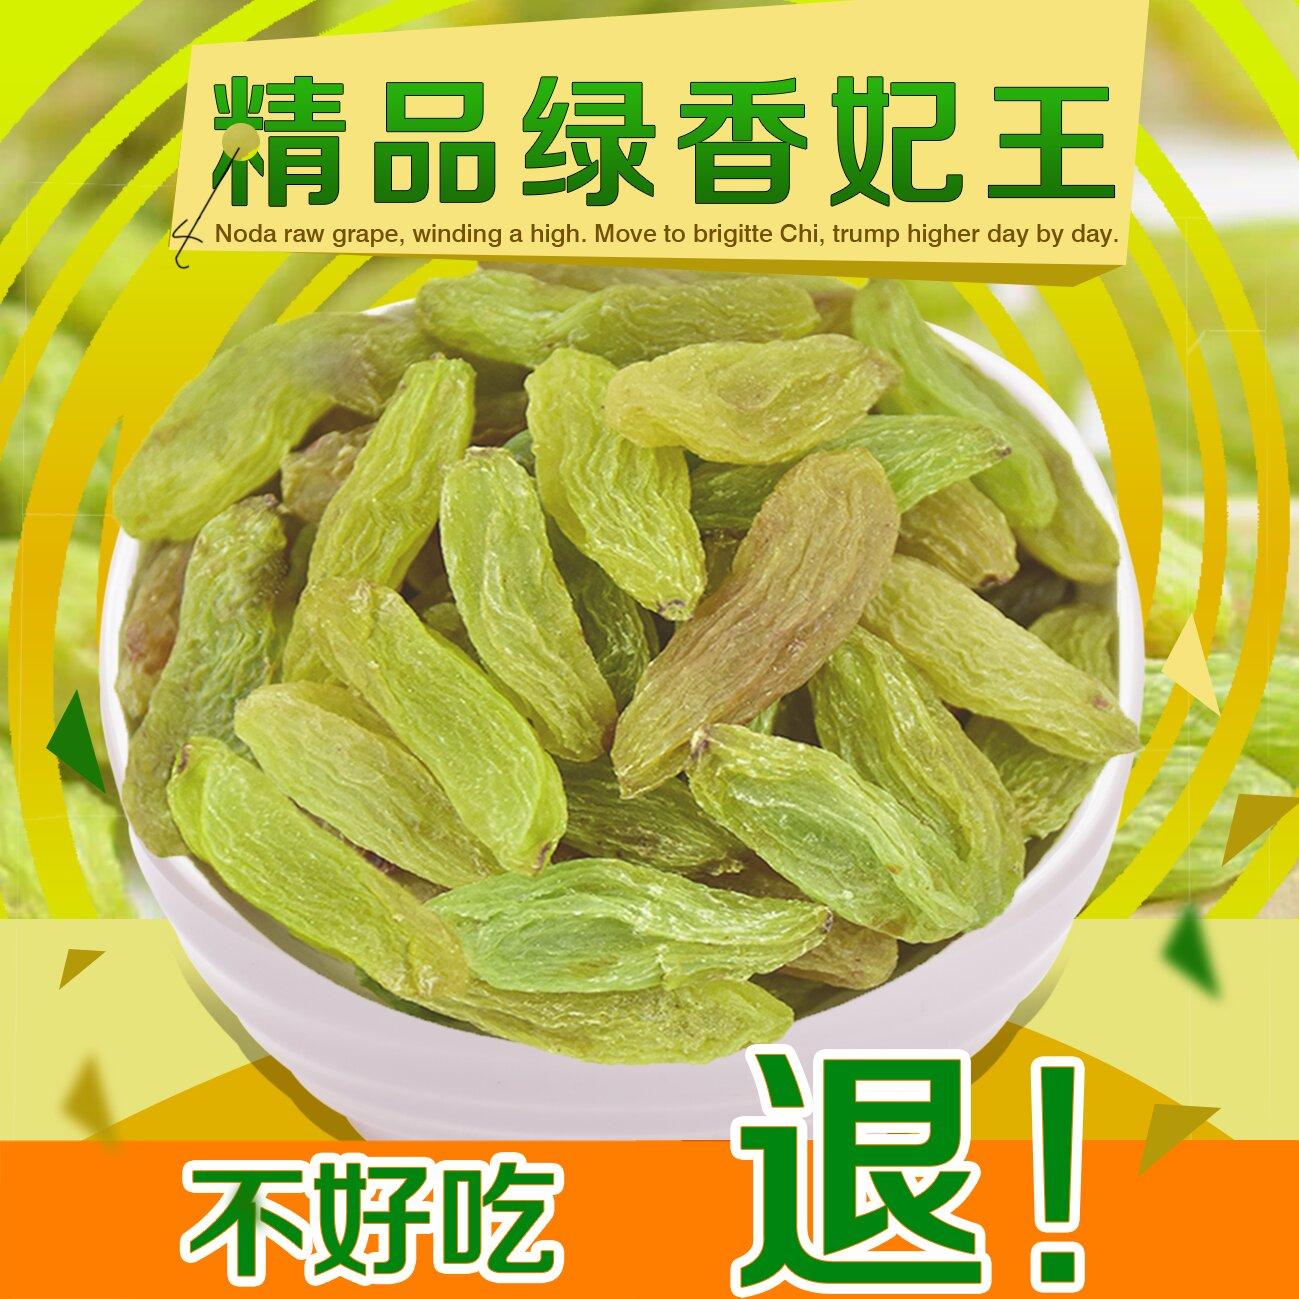 新货新疆绿香妃王特级超大葡萄干500g免洗无籽零食吐鲁番提子干